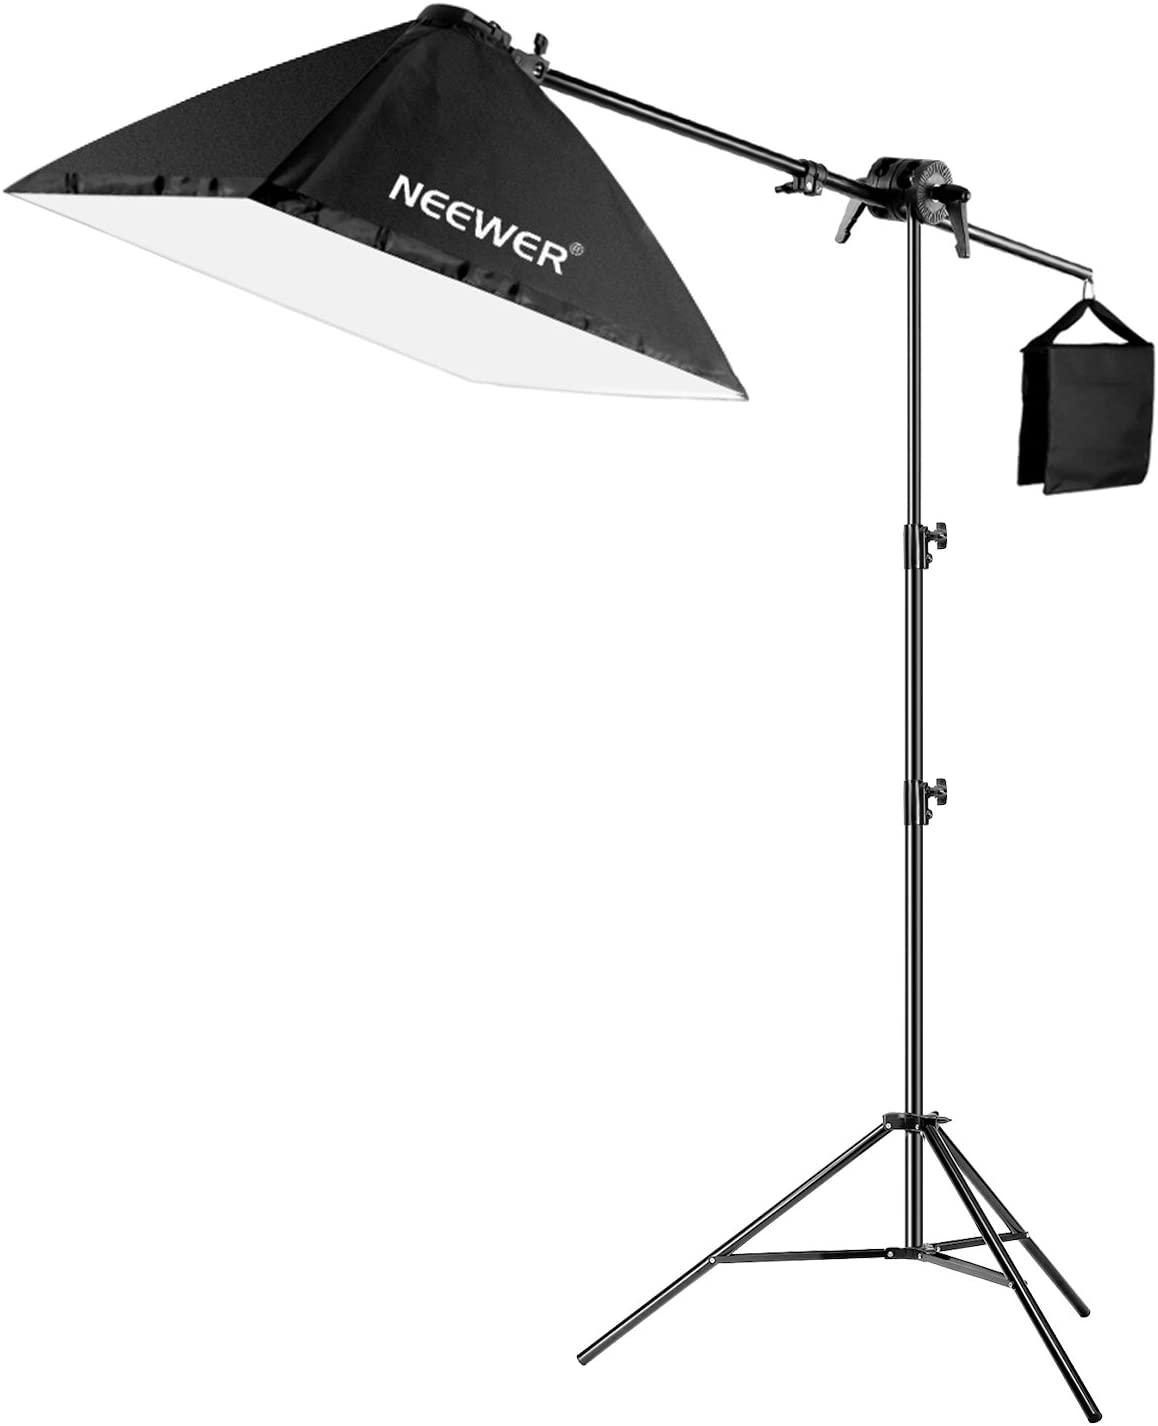 Neewer 200W Fotografía Kit Iluminación para Caja Luz:60cm Caja Luz Cuadrada con Brazo de Pluma,45W Bombilla,Soporte de Luz Ajustable 190cm y Bolsa Arena para Estudio: Amazon.es: Electrónica